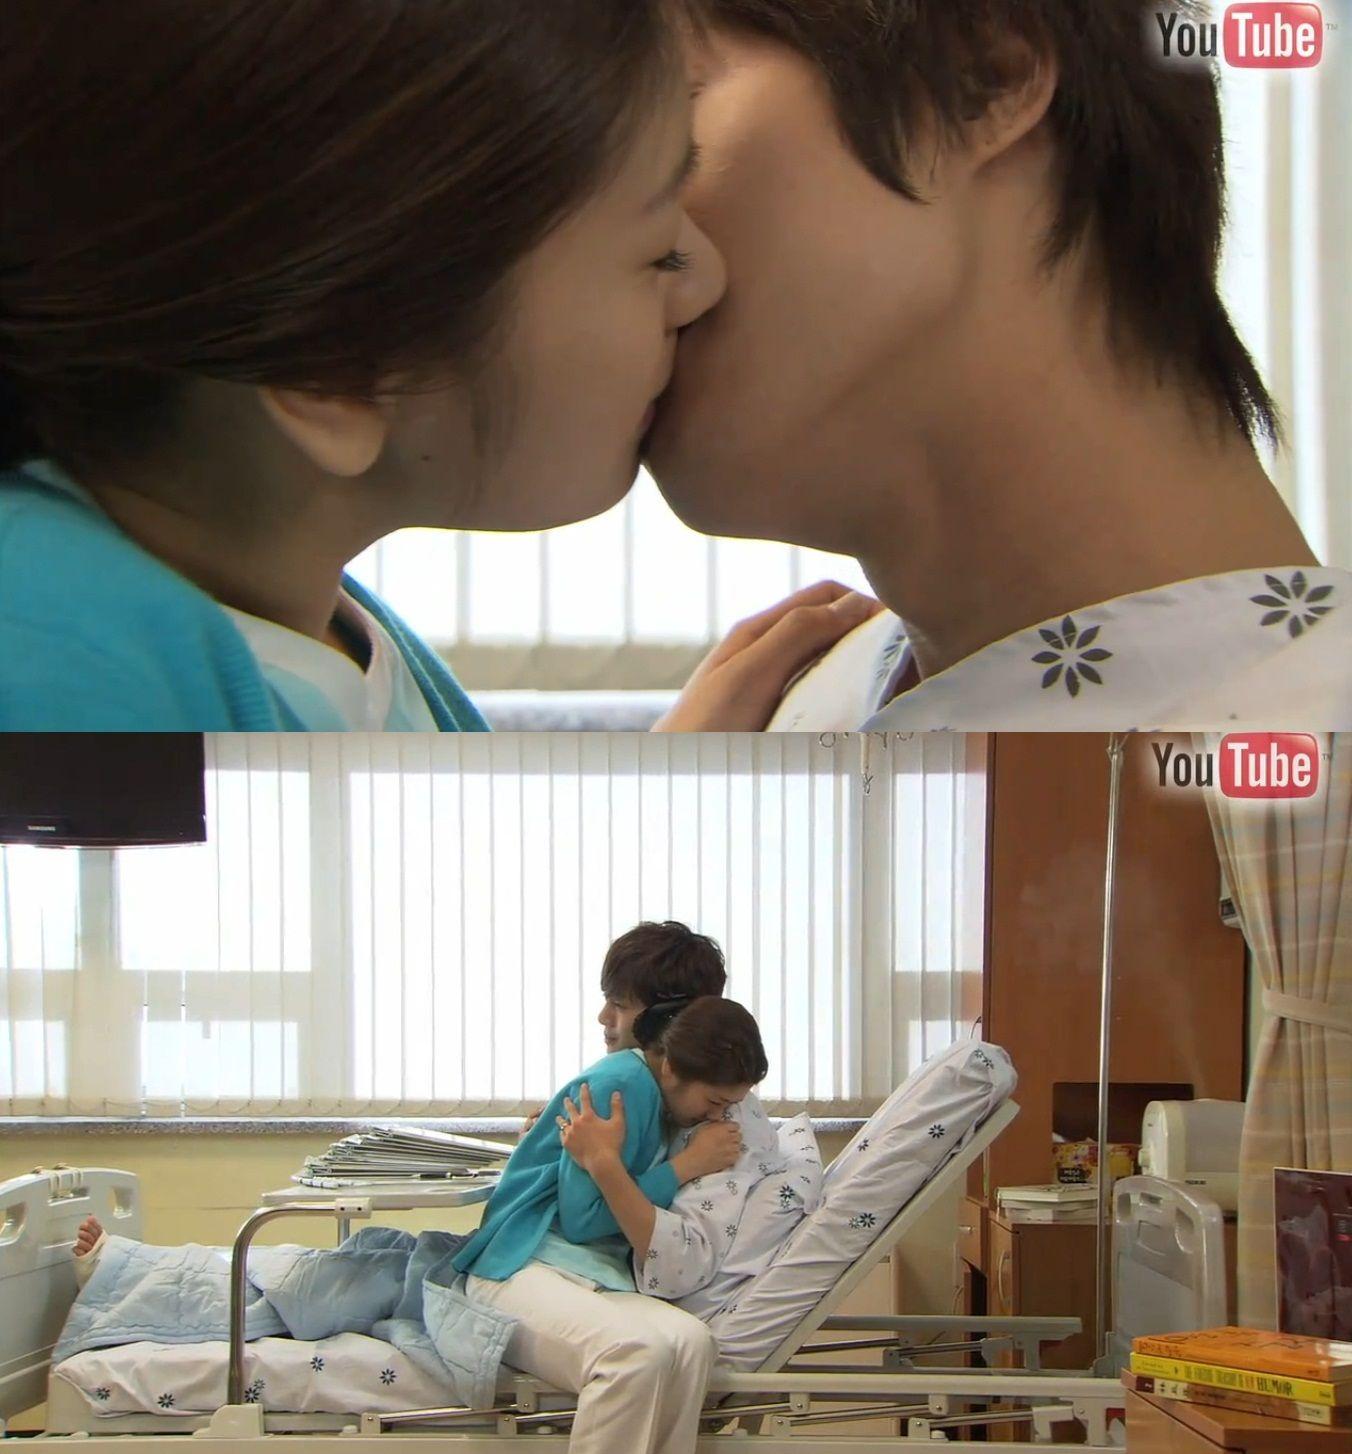 """Seung Jo: """"¿Tampoco estoy calificado para ser tu esposo?""""- ella niega con la cabeza- """"Gracias Ha Ni"""". Sonriéndole, se acerca y la besa. Seung Jo: """"Una nueva cosa que aprendí después de ser hospitalizado es cómo se siente ser un paciente. Y ver a mi adorada esposa, convirtiéndose en una verdadera enfermera"""". Ha Ni: """"No importa como lo vea, creo que Seung Jo se está recuperando debido al poder de mi amor"""" - Playful Kiss Youtube Special, Episodio 5"""